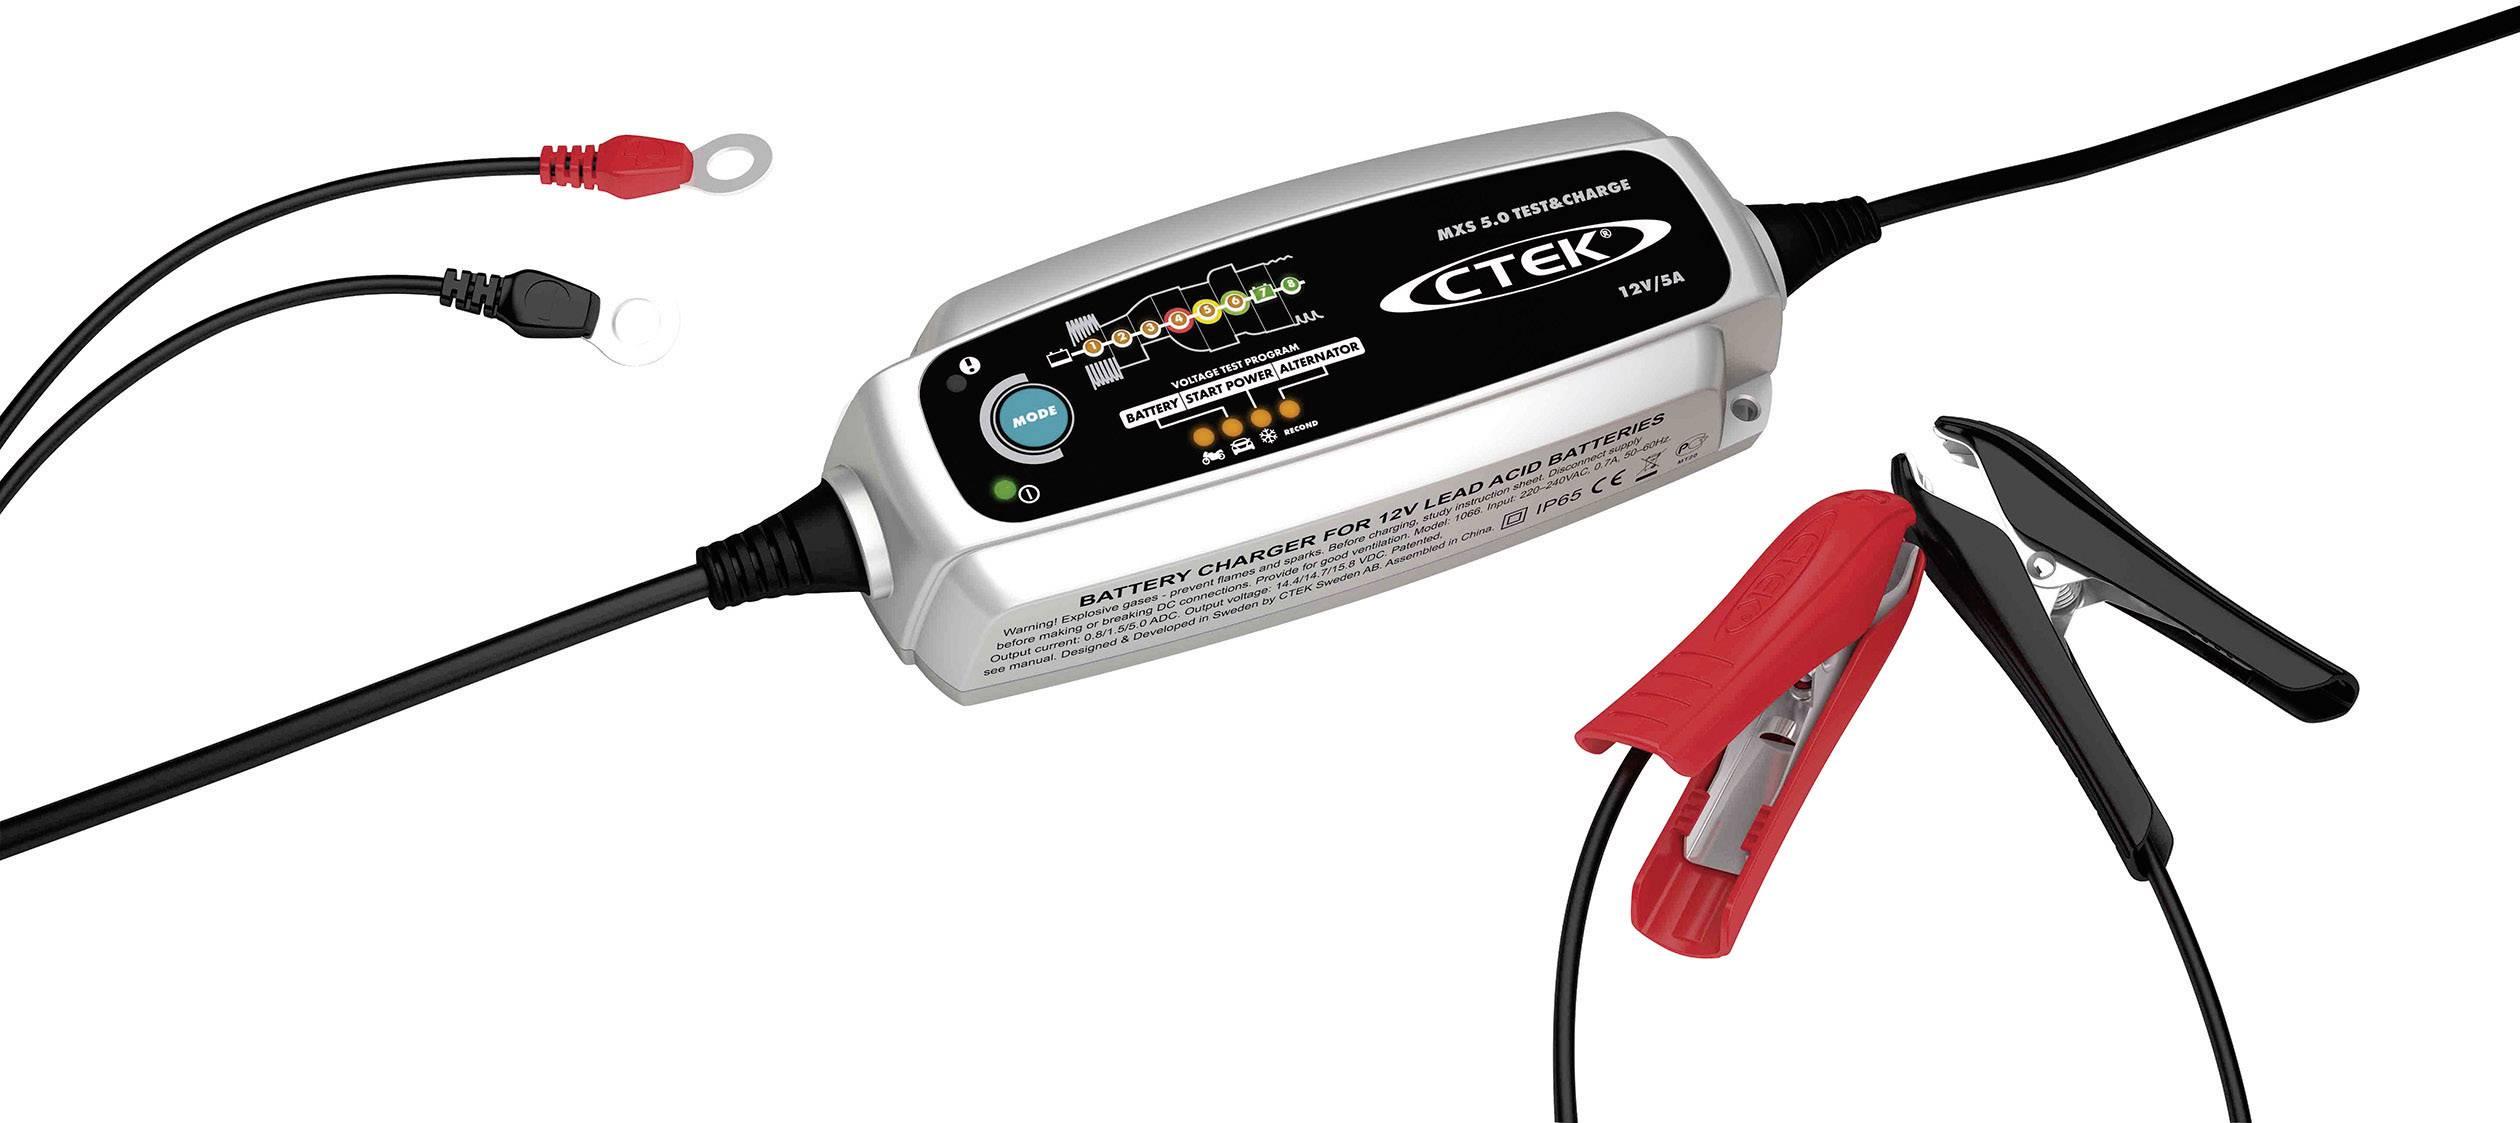 CTEK automatická nabíjačka MXS 5.0 Test & Charge